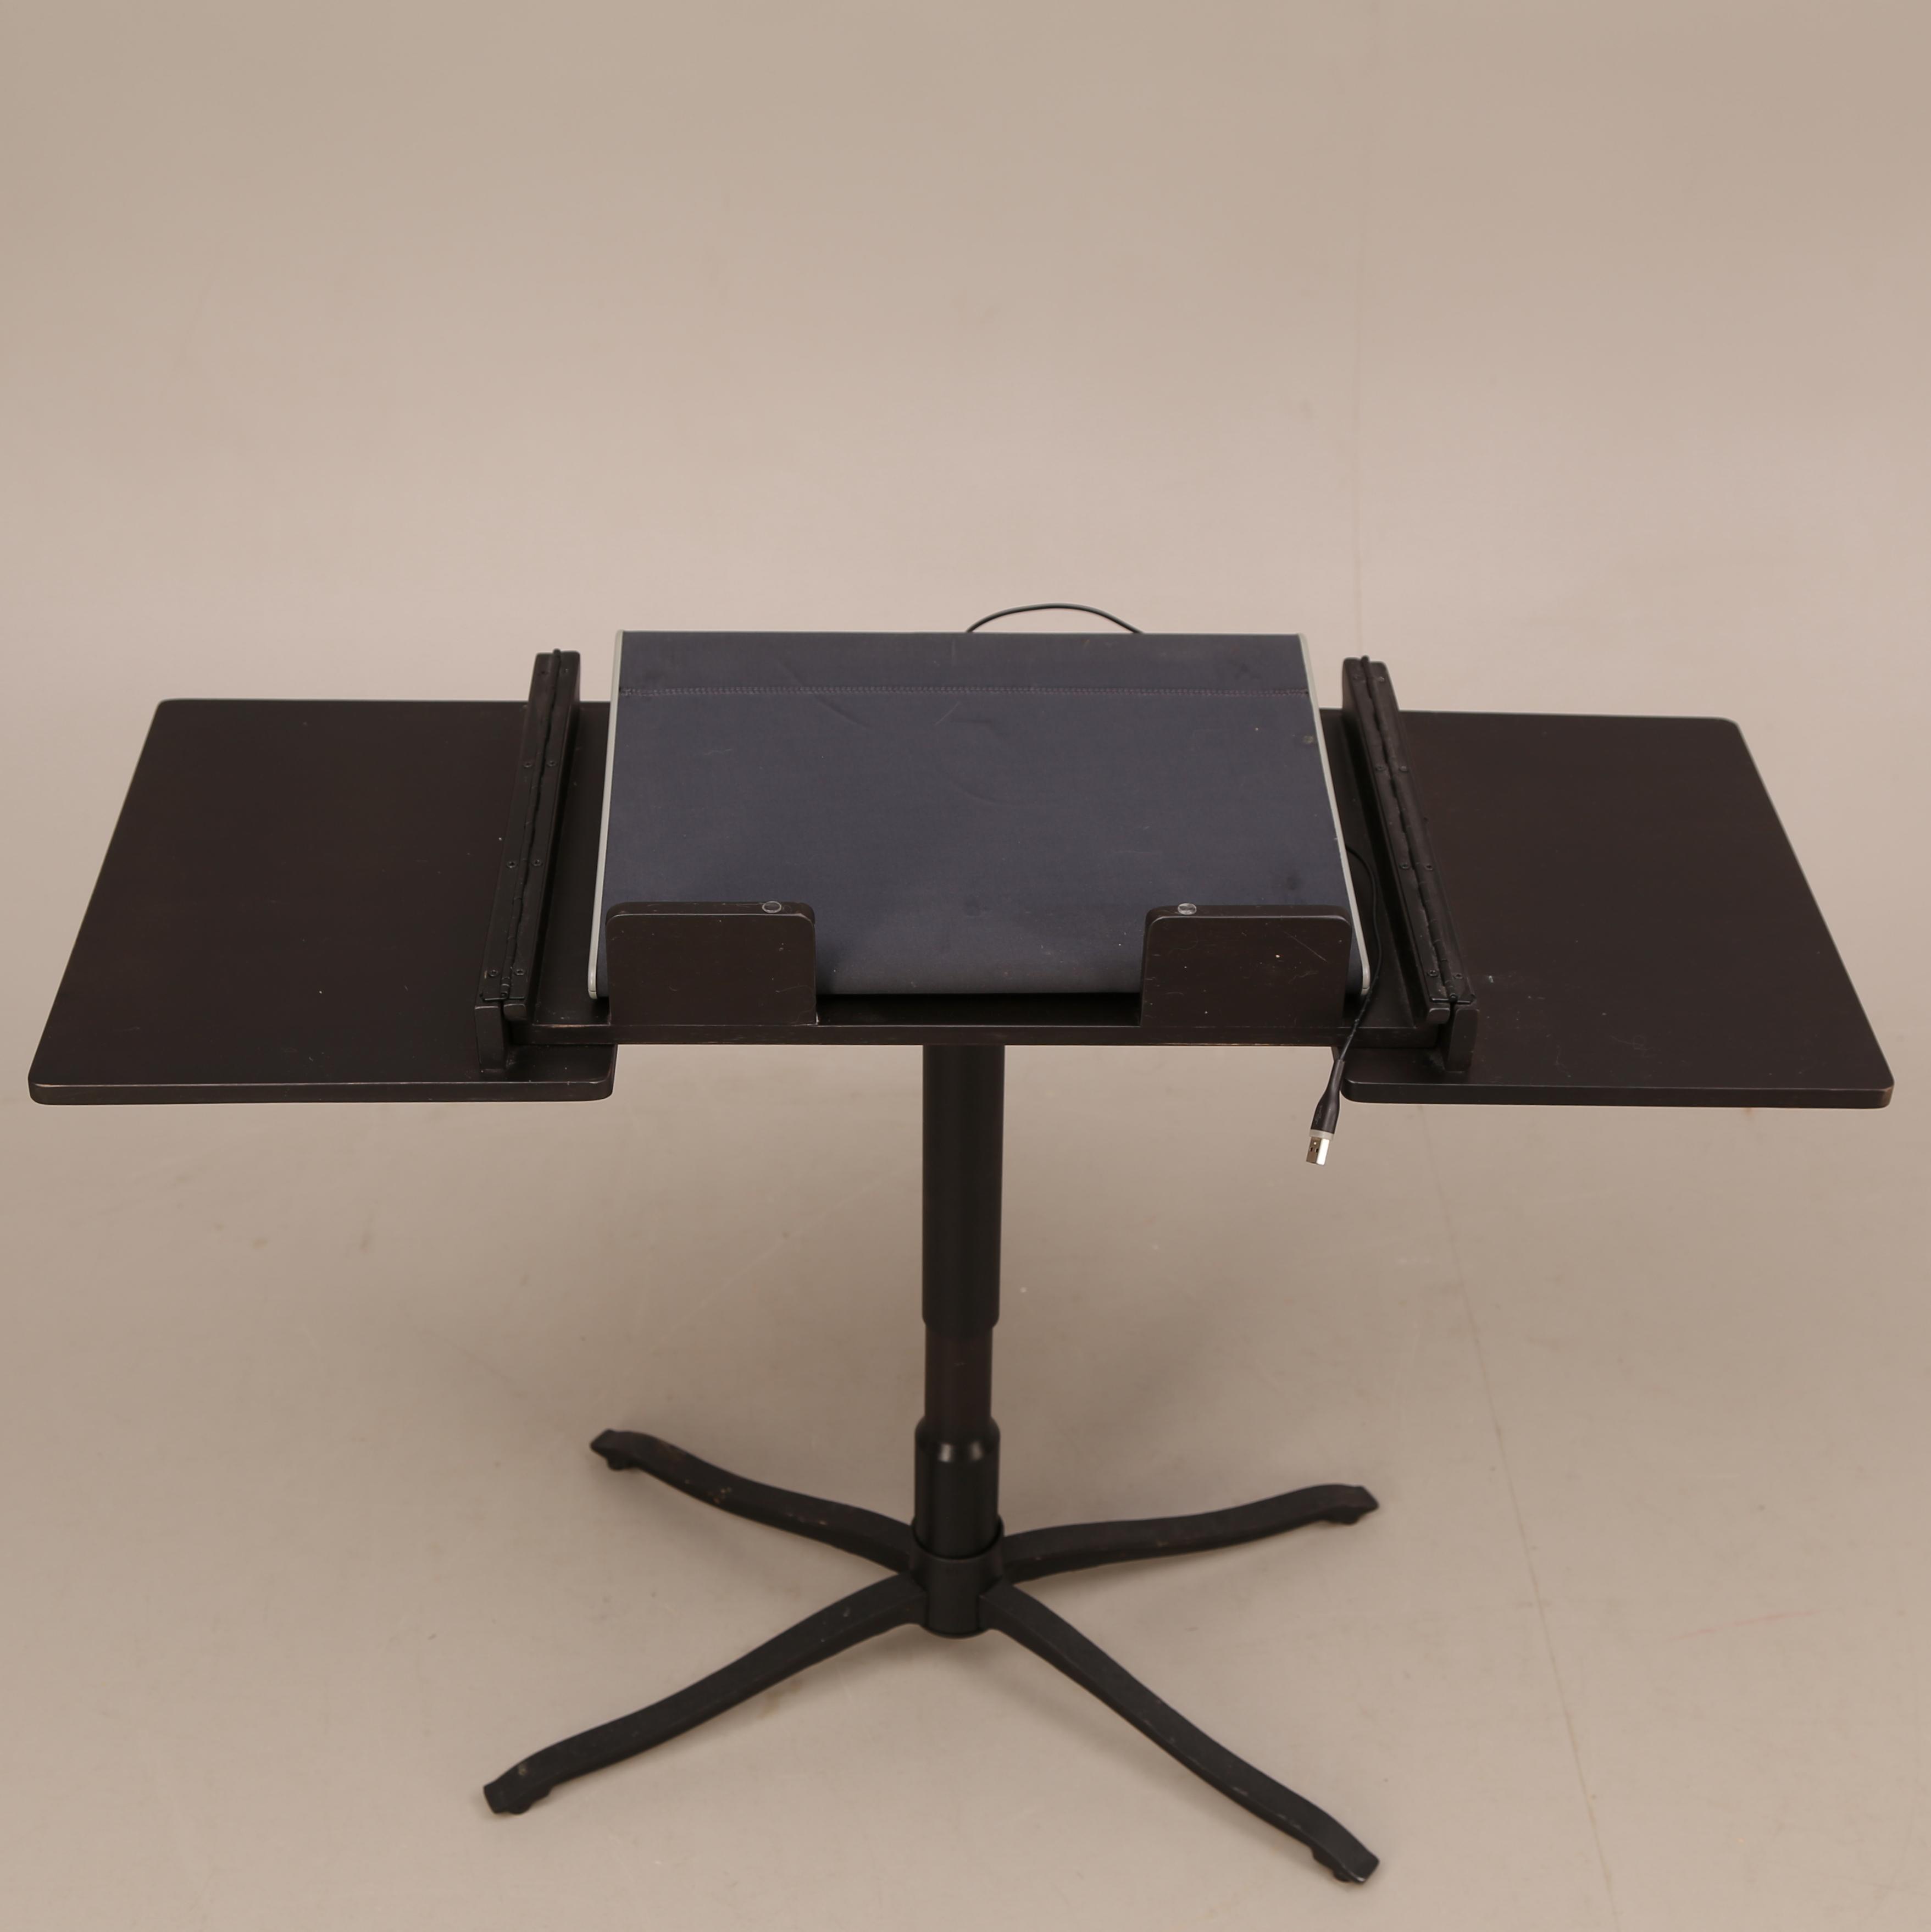 laptop-bord, trä, svart, alve - ikea, medföljer kylplatta till